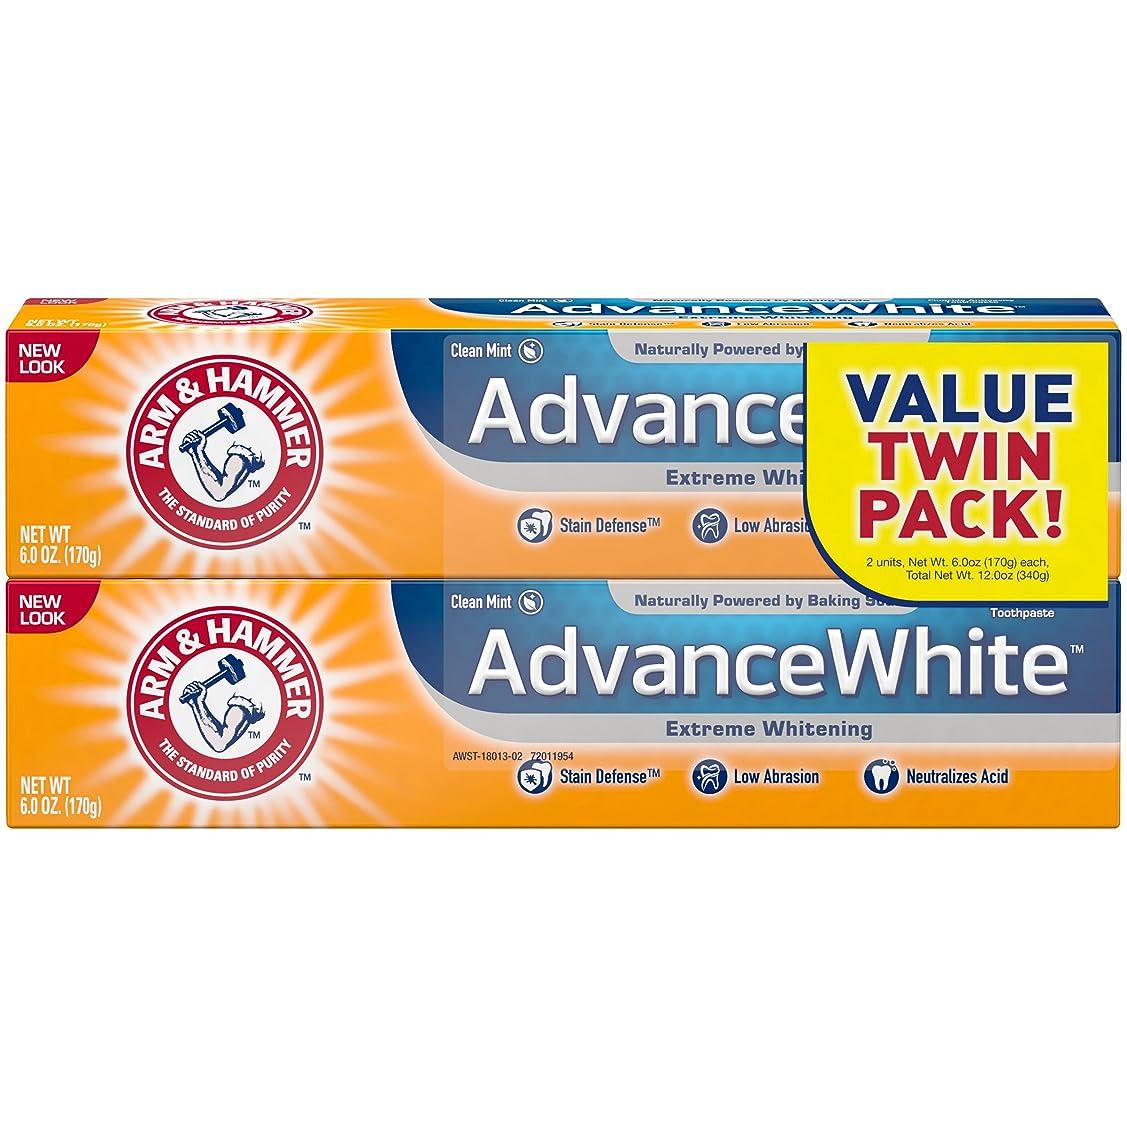 排他的解凍する、雪解け、霜解けリースArm & Hammer アーム&ハマー アドバンス ホワイト 歯磨き粉 2個パック Toothpaste with Baking Soda & Peroxide